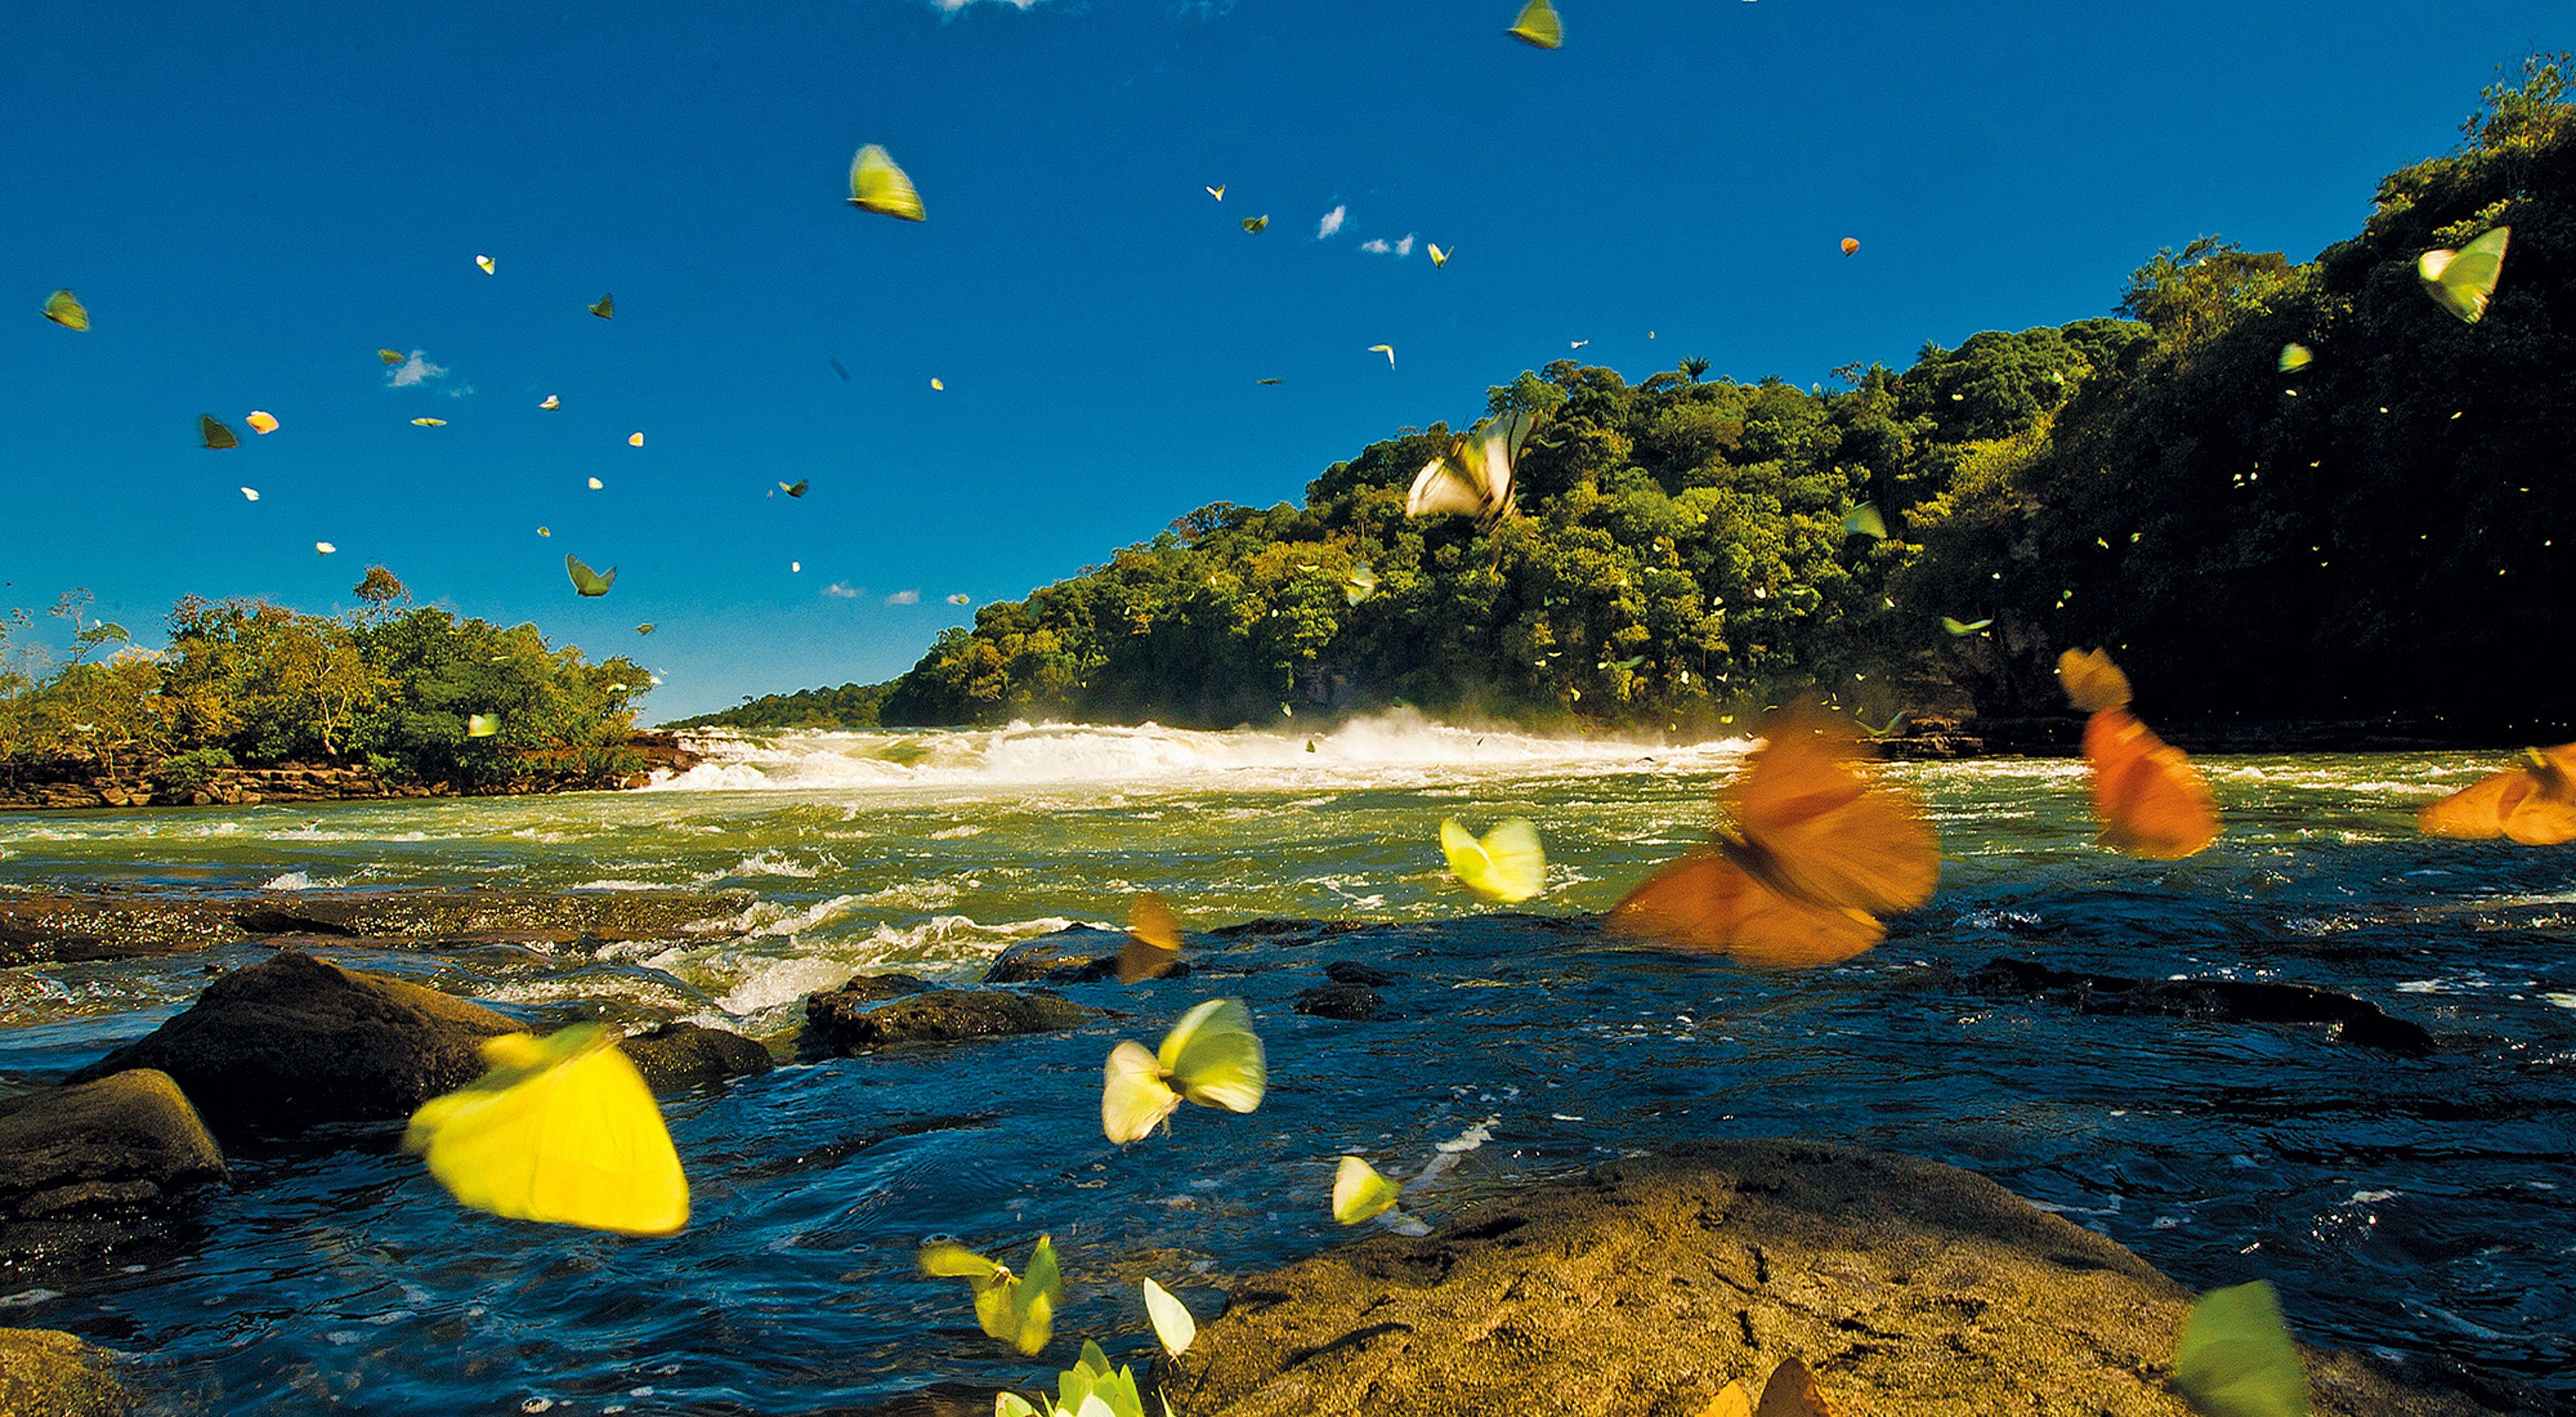 Borboletas na margem do Rio Juruena, na Bacia do Tapajós, na Amazônia.